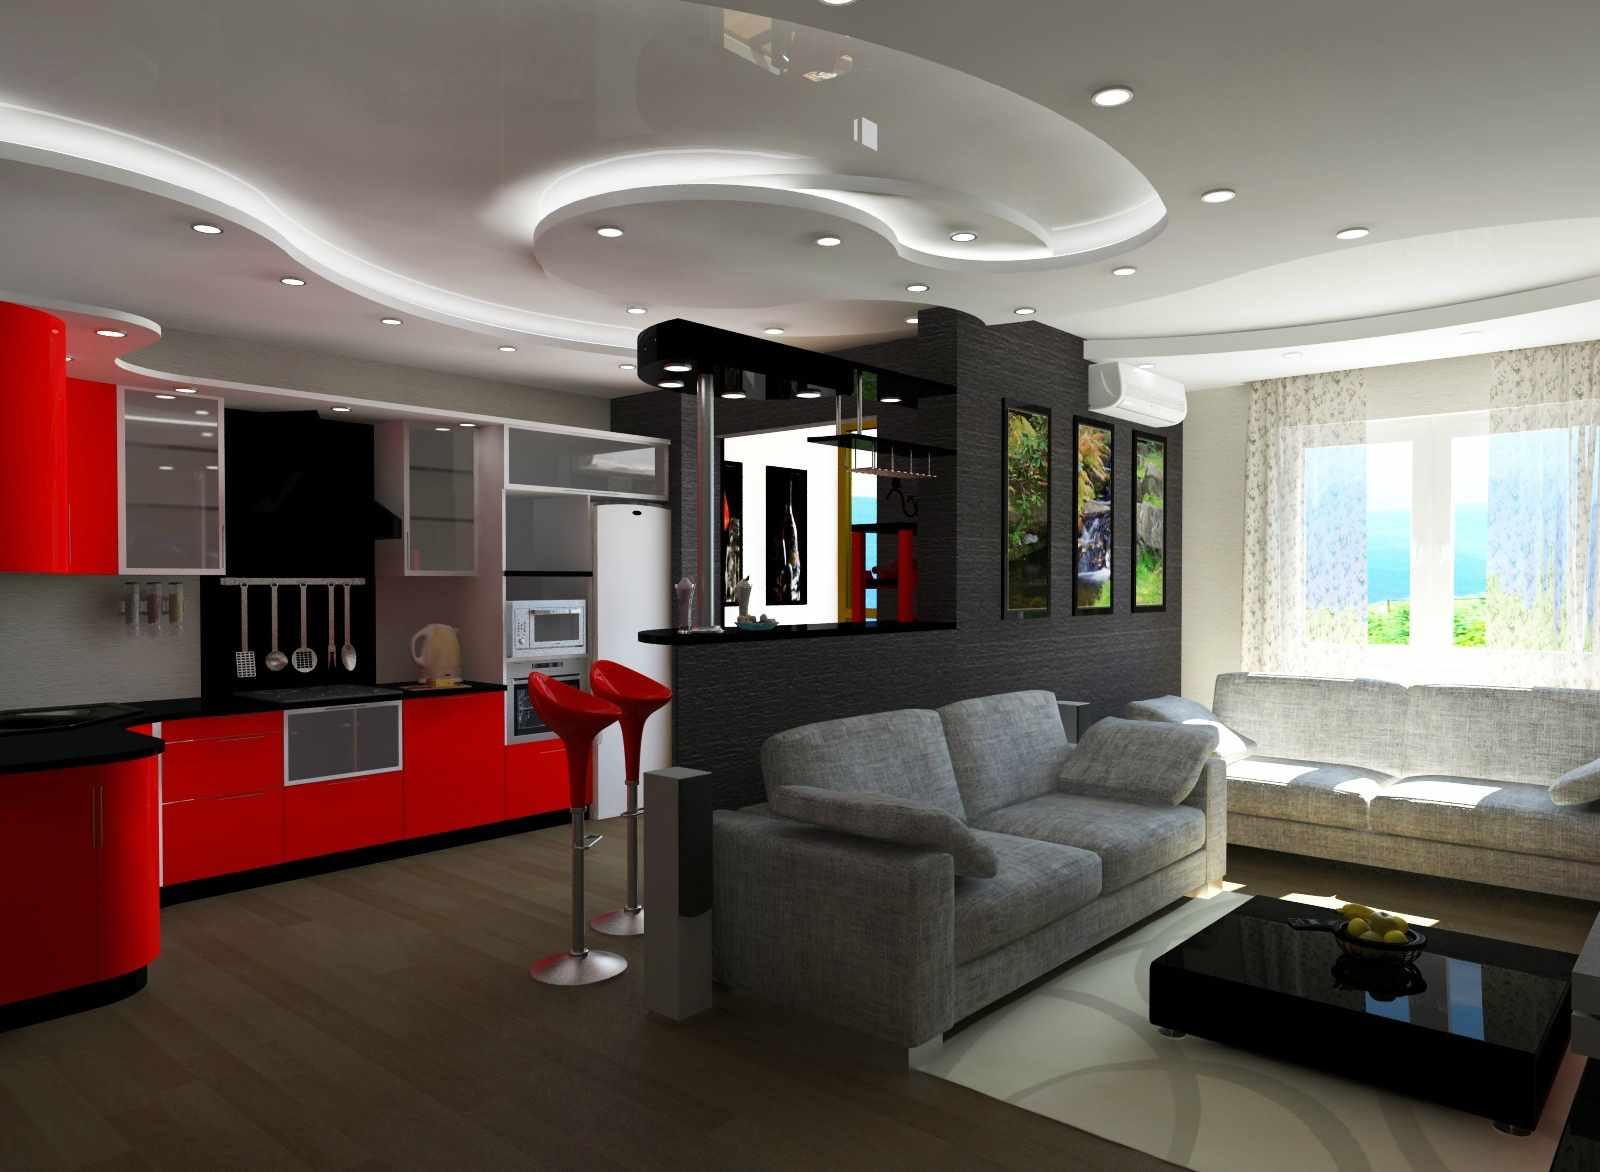 biến thể của trang trí khác thường của phòng khách 19-20 sq.m